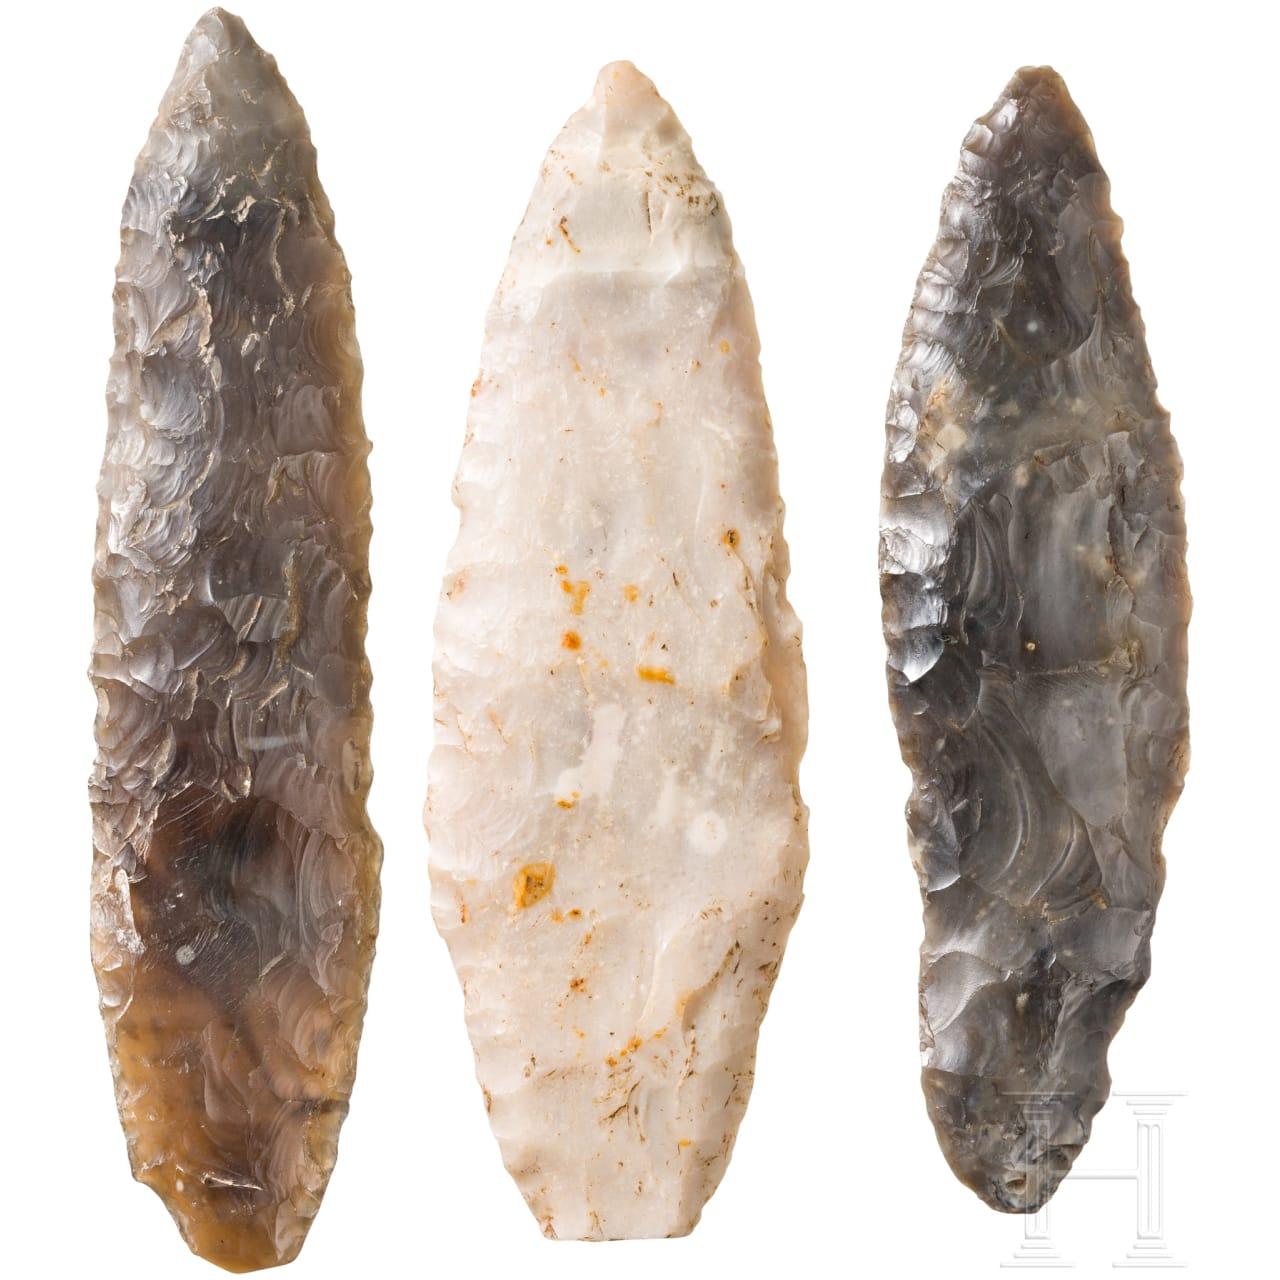 Drei kleinere, lorbeerblattförmige Dolche, Spätneolithikum, um 3000 v. Chr.